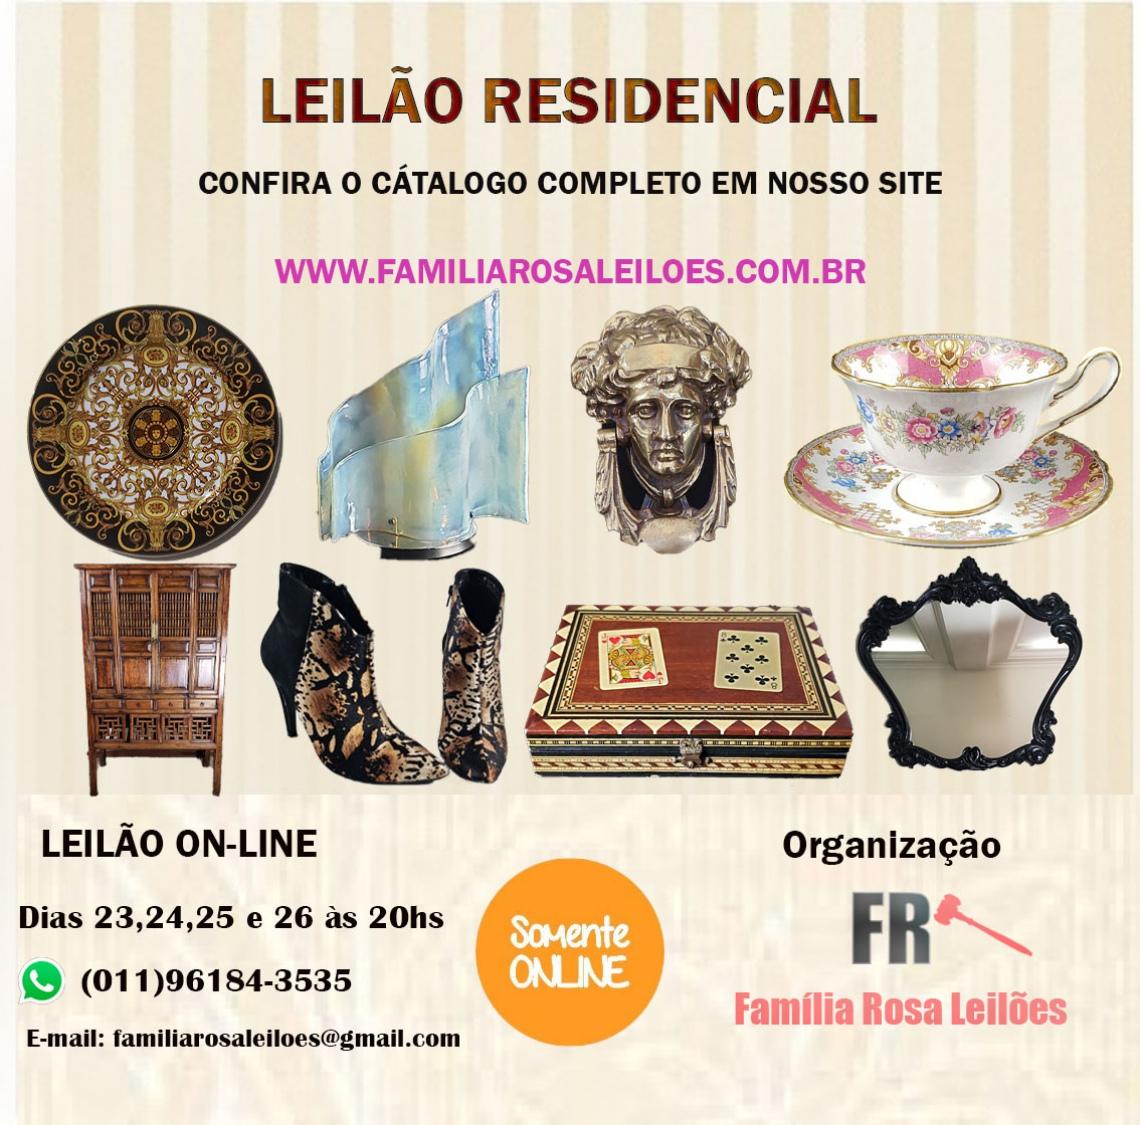 LEILÃO RESIDENCIAL DE ARTE E ANTIGUIDADES